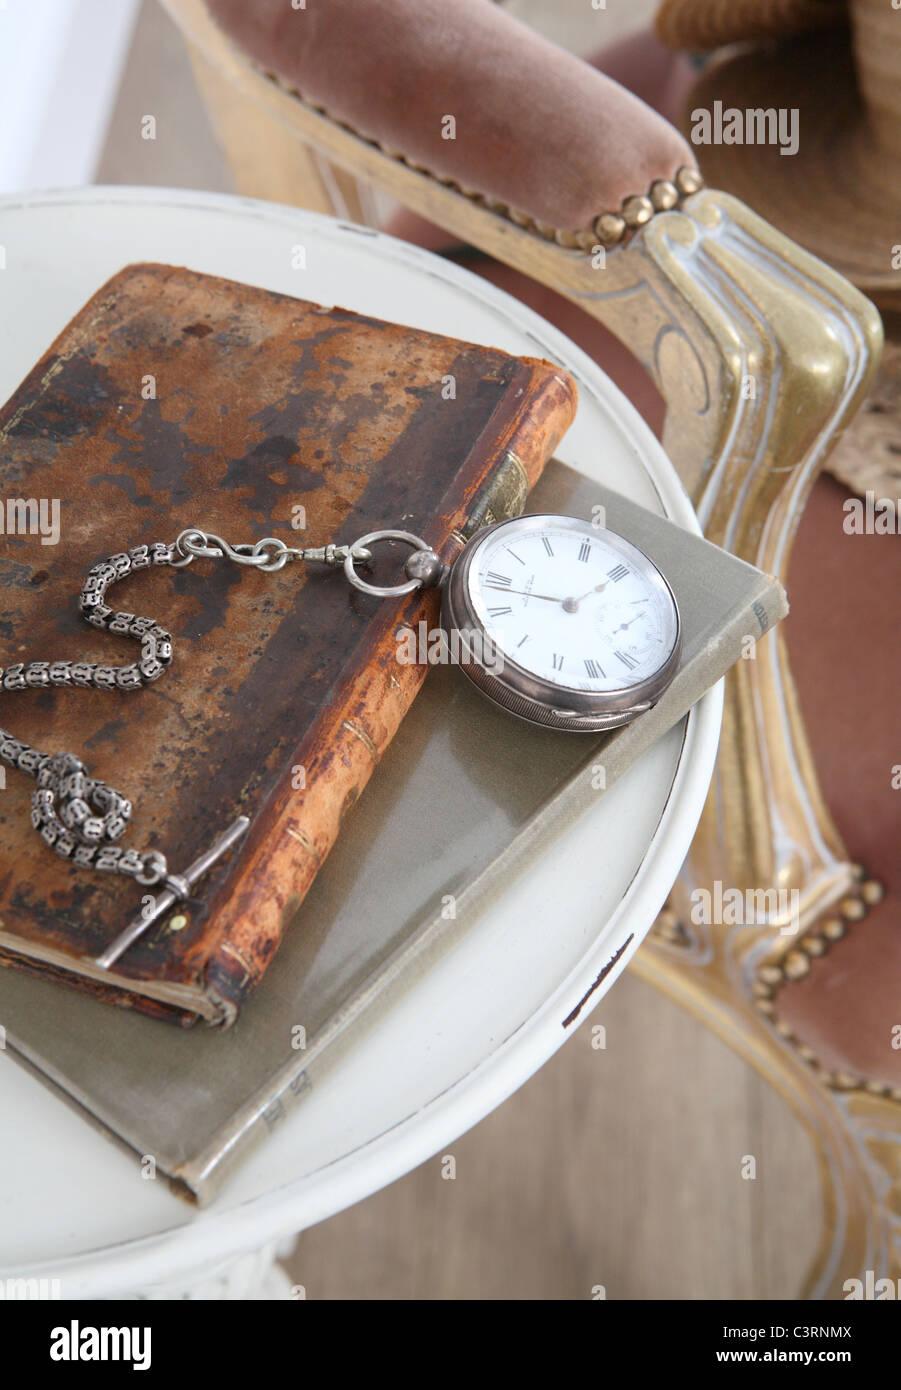 Fob watch sur vieux vieux livre Photo Stock